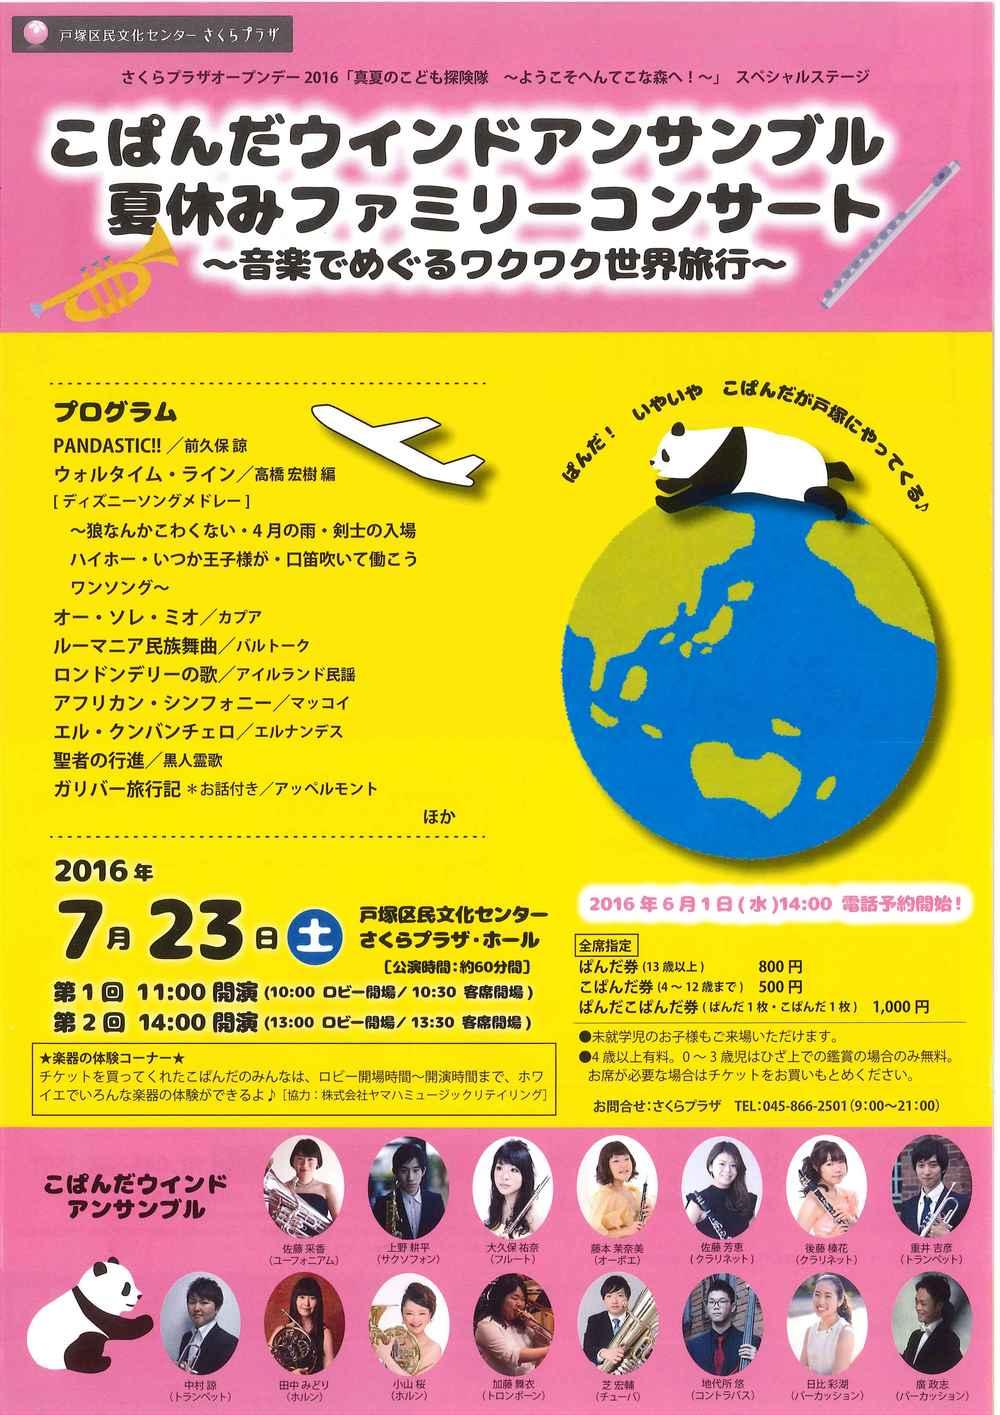 20160723 戸塚こぱんだ.jpg